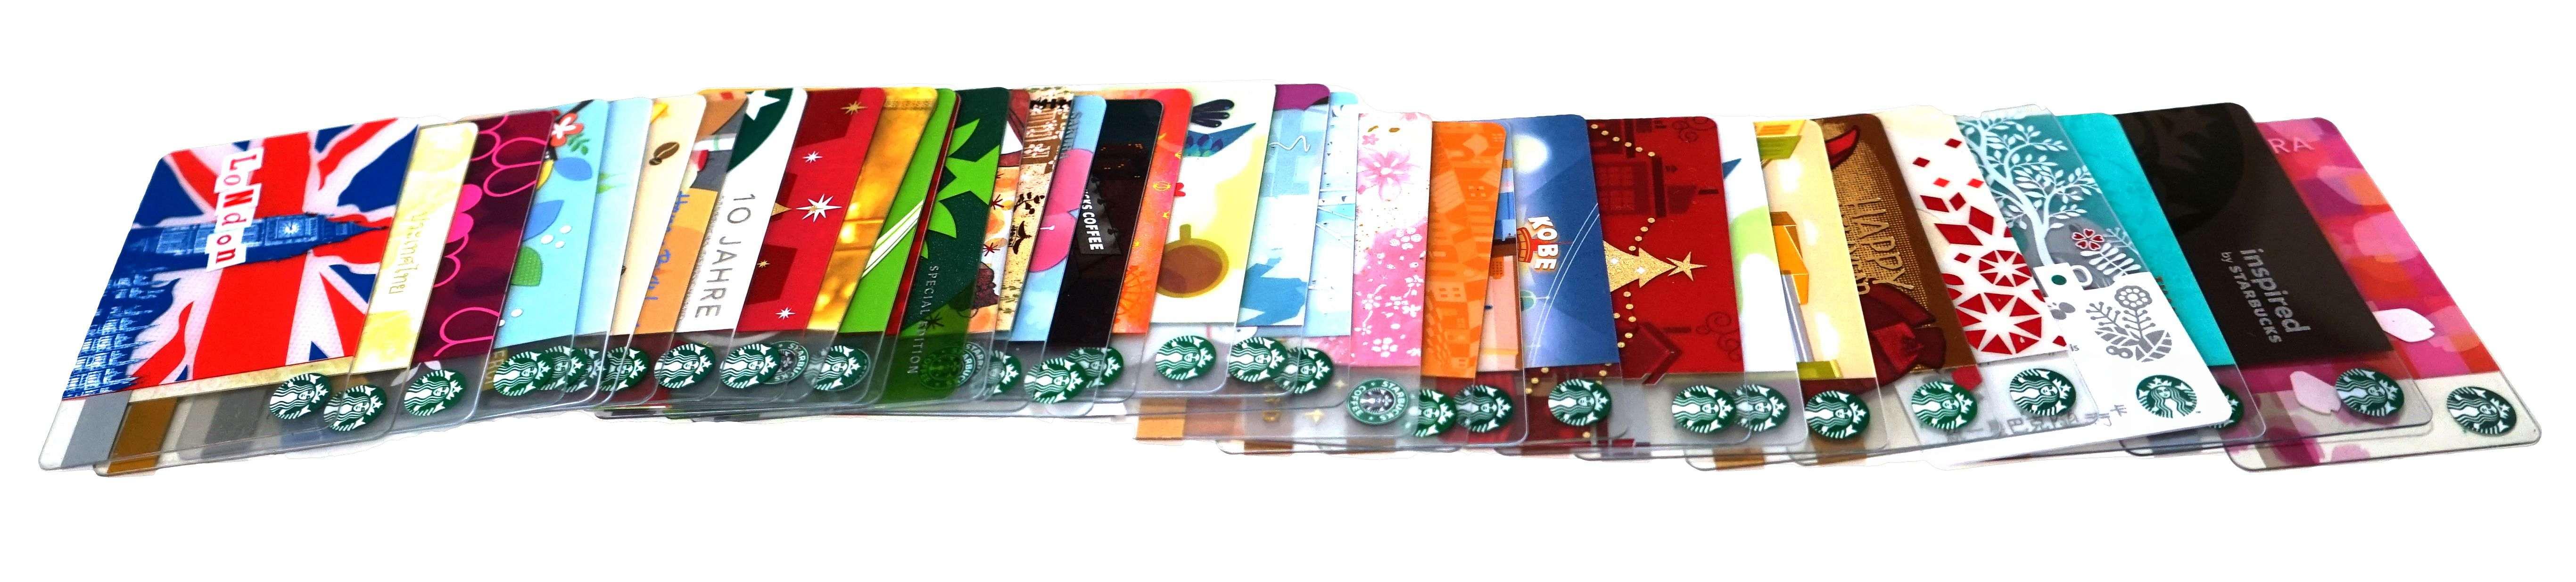 国内・海外のスタバカード・スターバックスカードコレクション